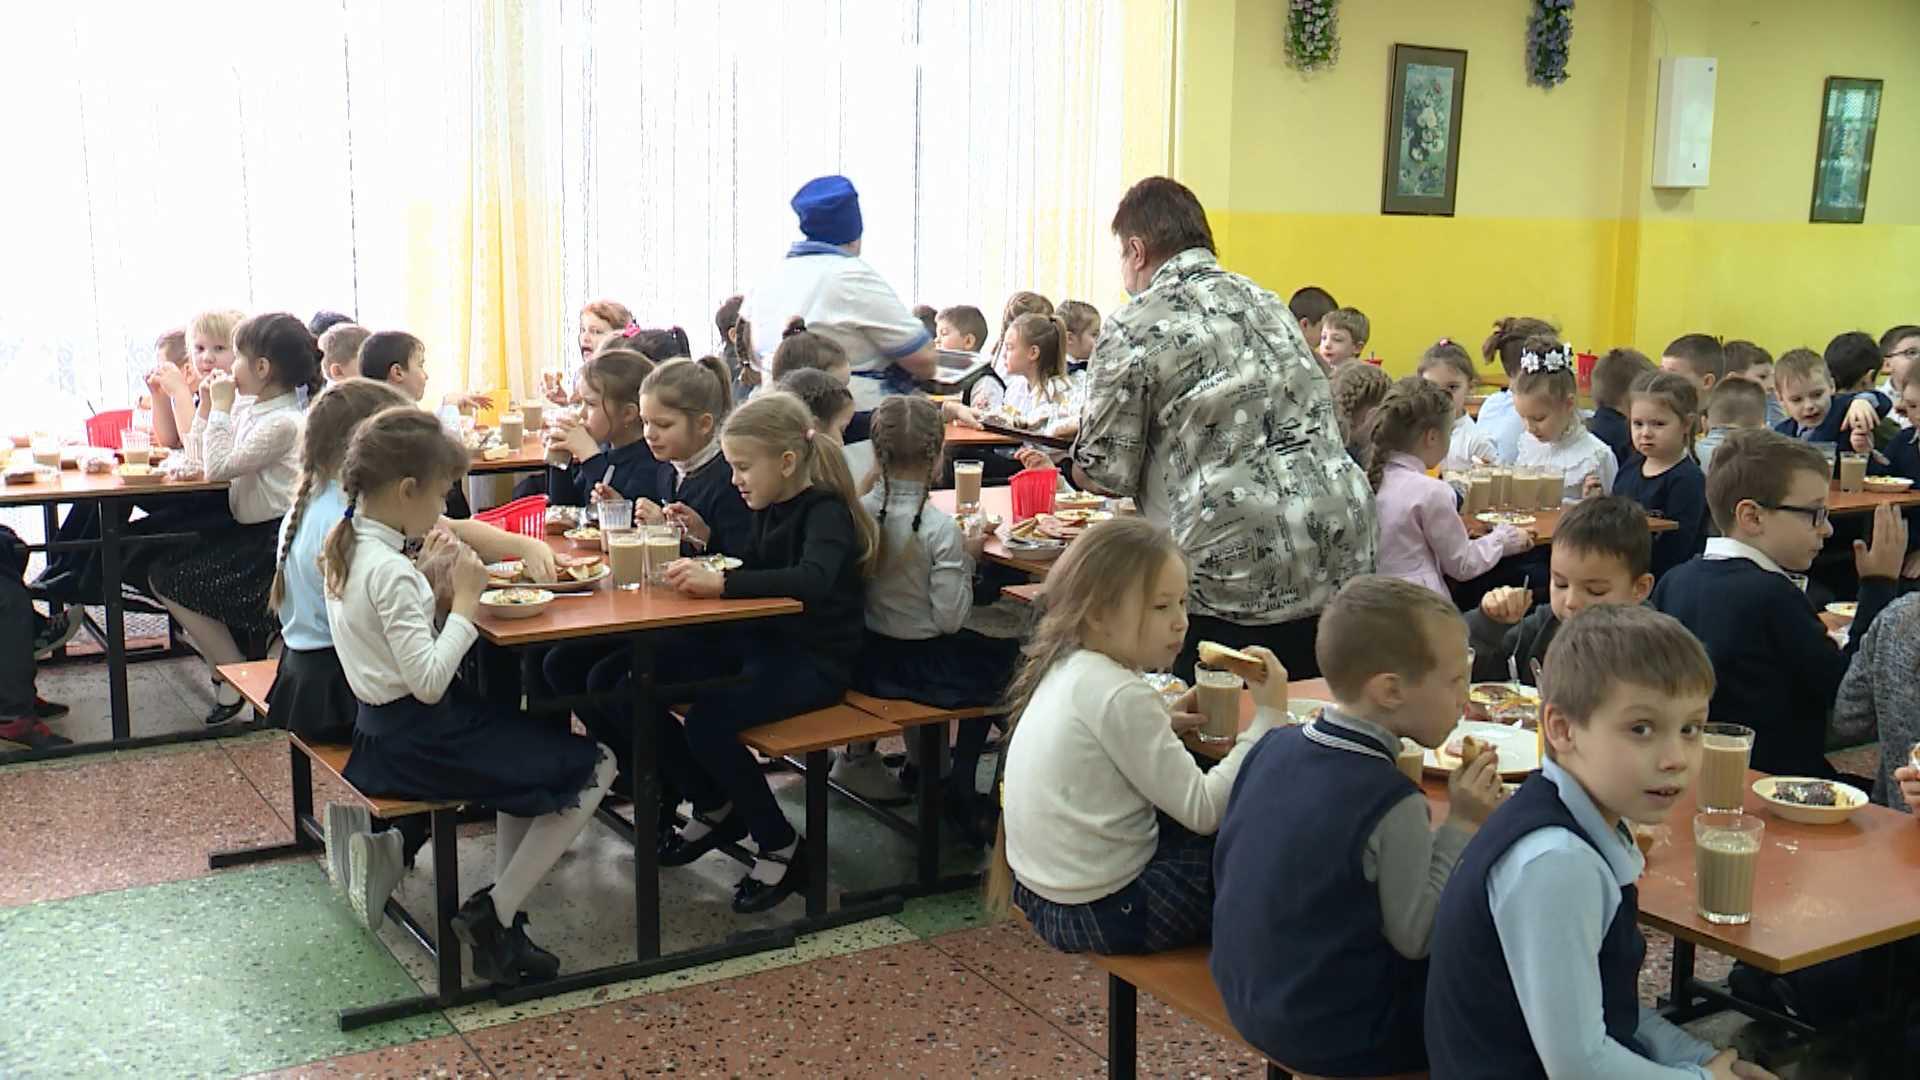 Пациентов больниц и детей в Костроме стараются кормить местными продуктами